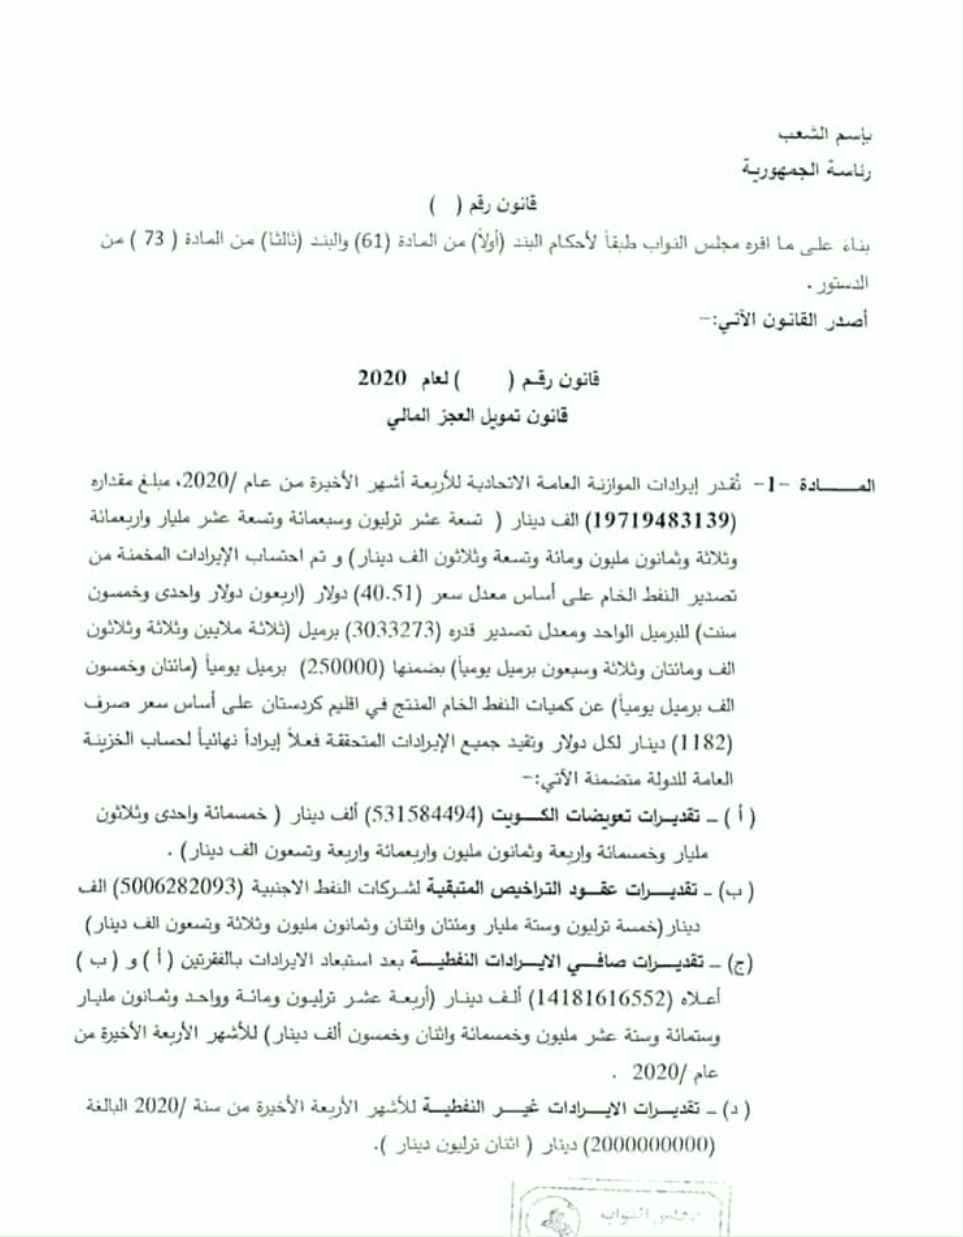 نص مشروع قانون تمويل العجز المالي 2020 2136